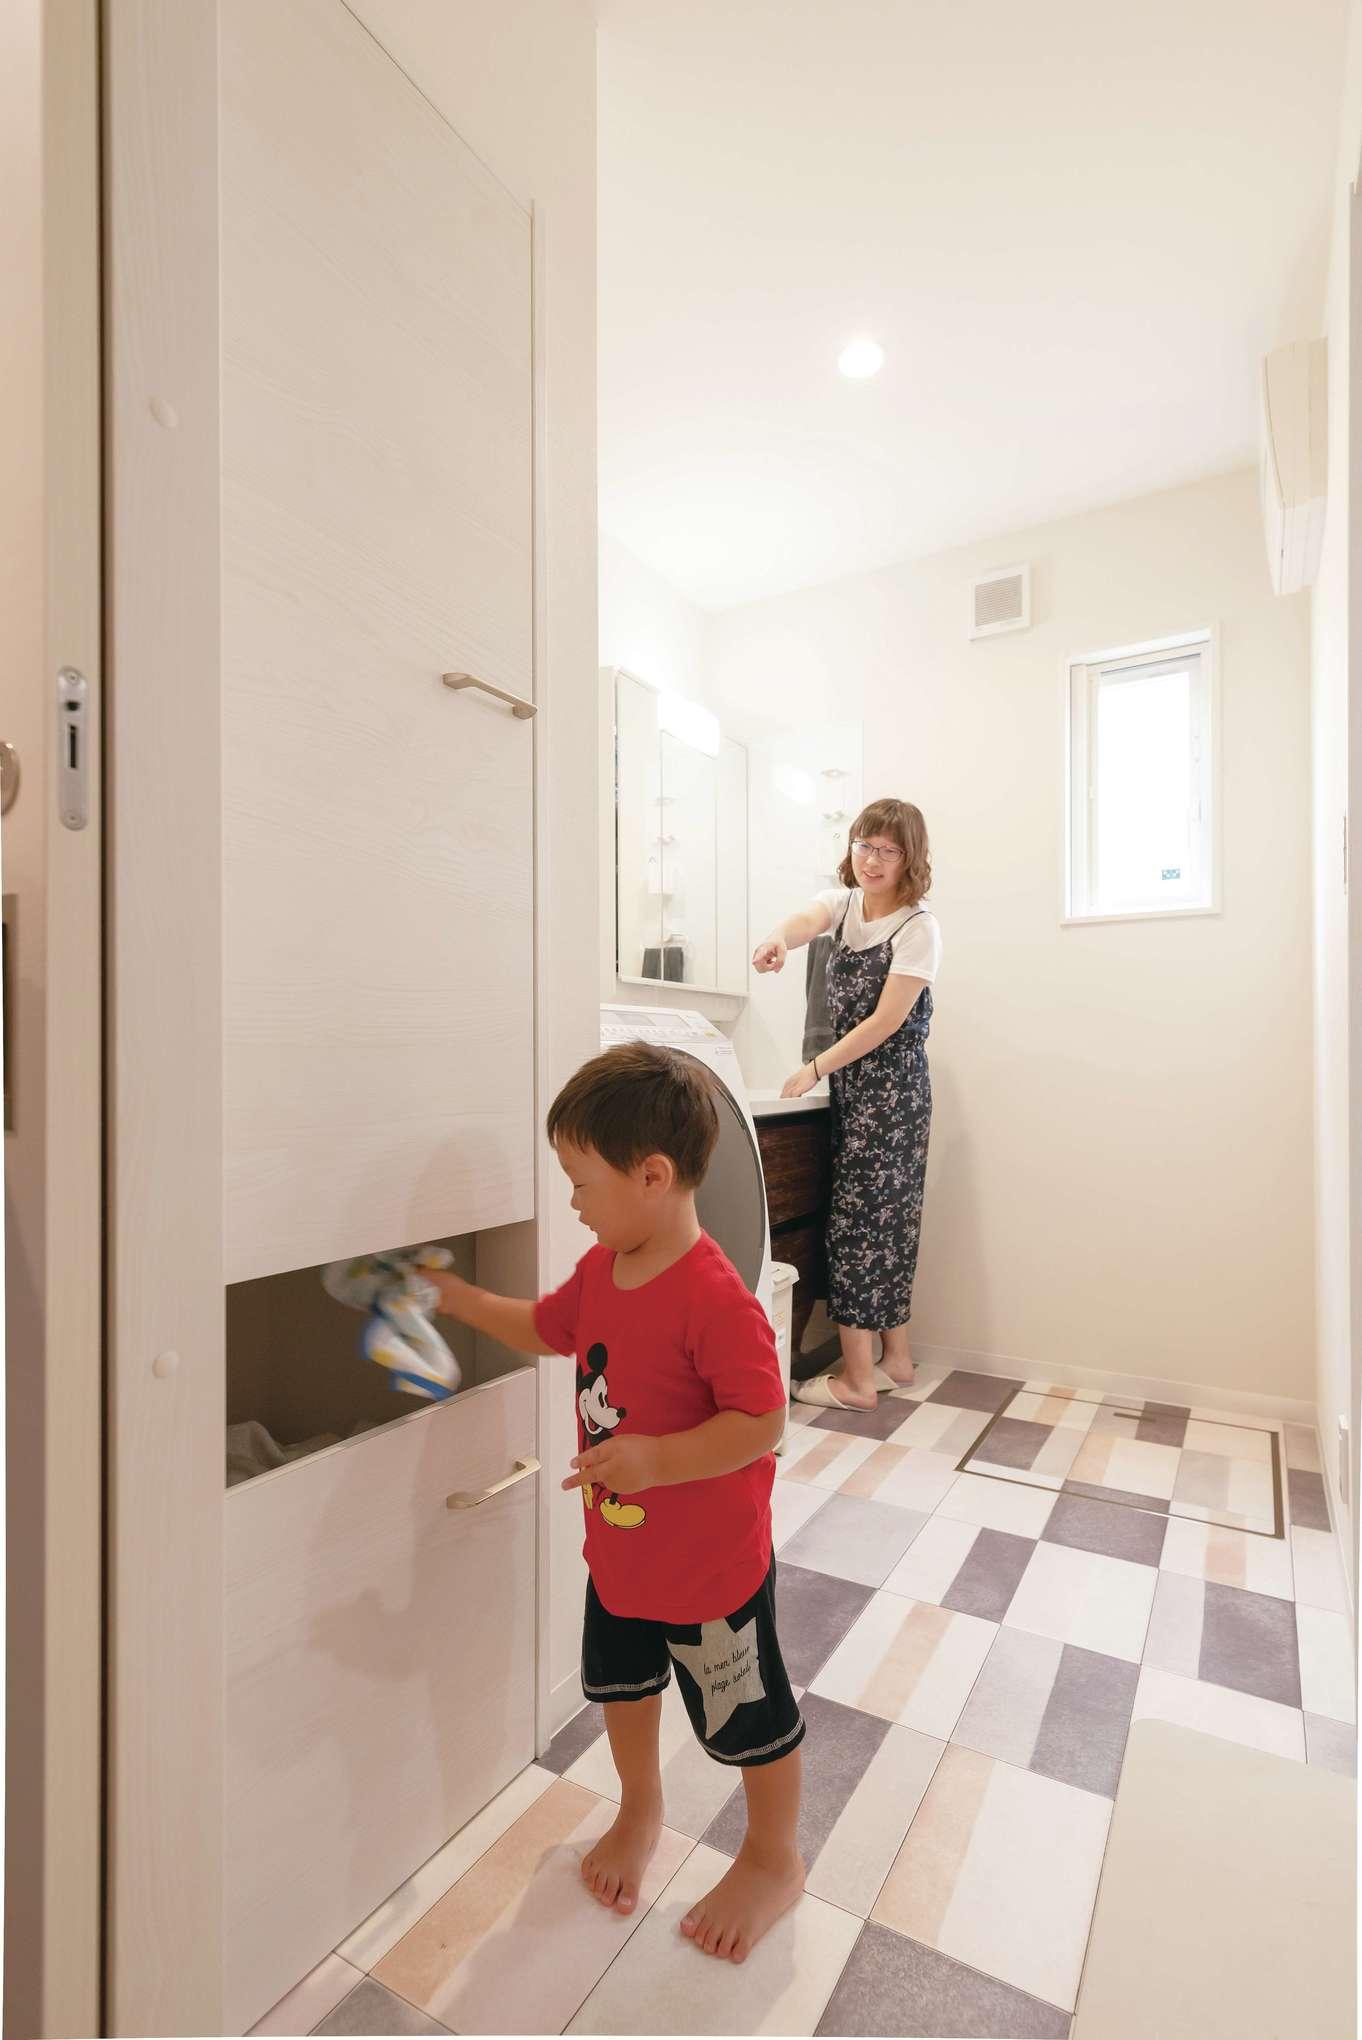 irohaco (アヴァンス)【1000万円台、デザイン住宅、子育て】ランドリールームにはスマートで便利な洗濯かご置き場も